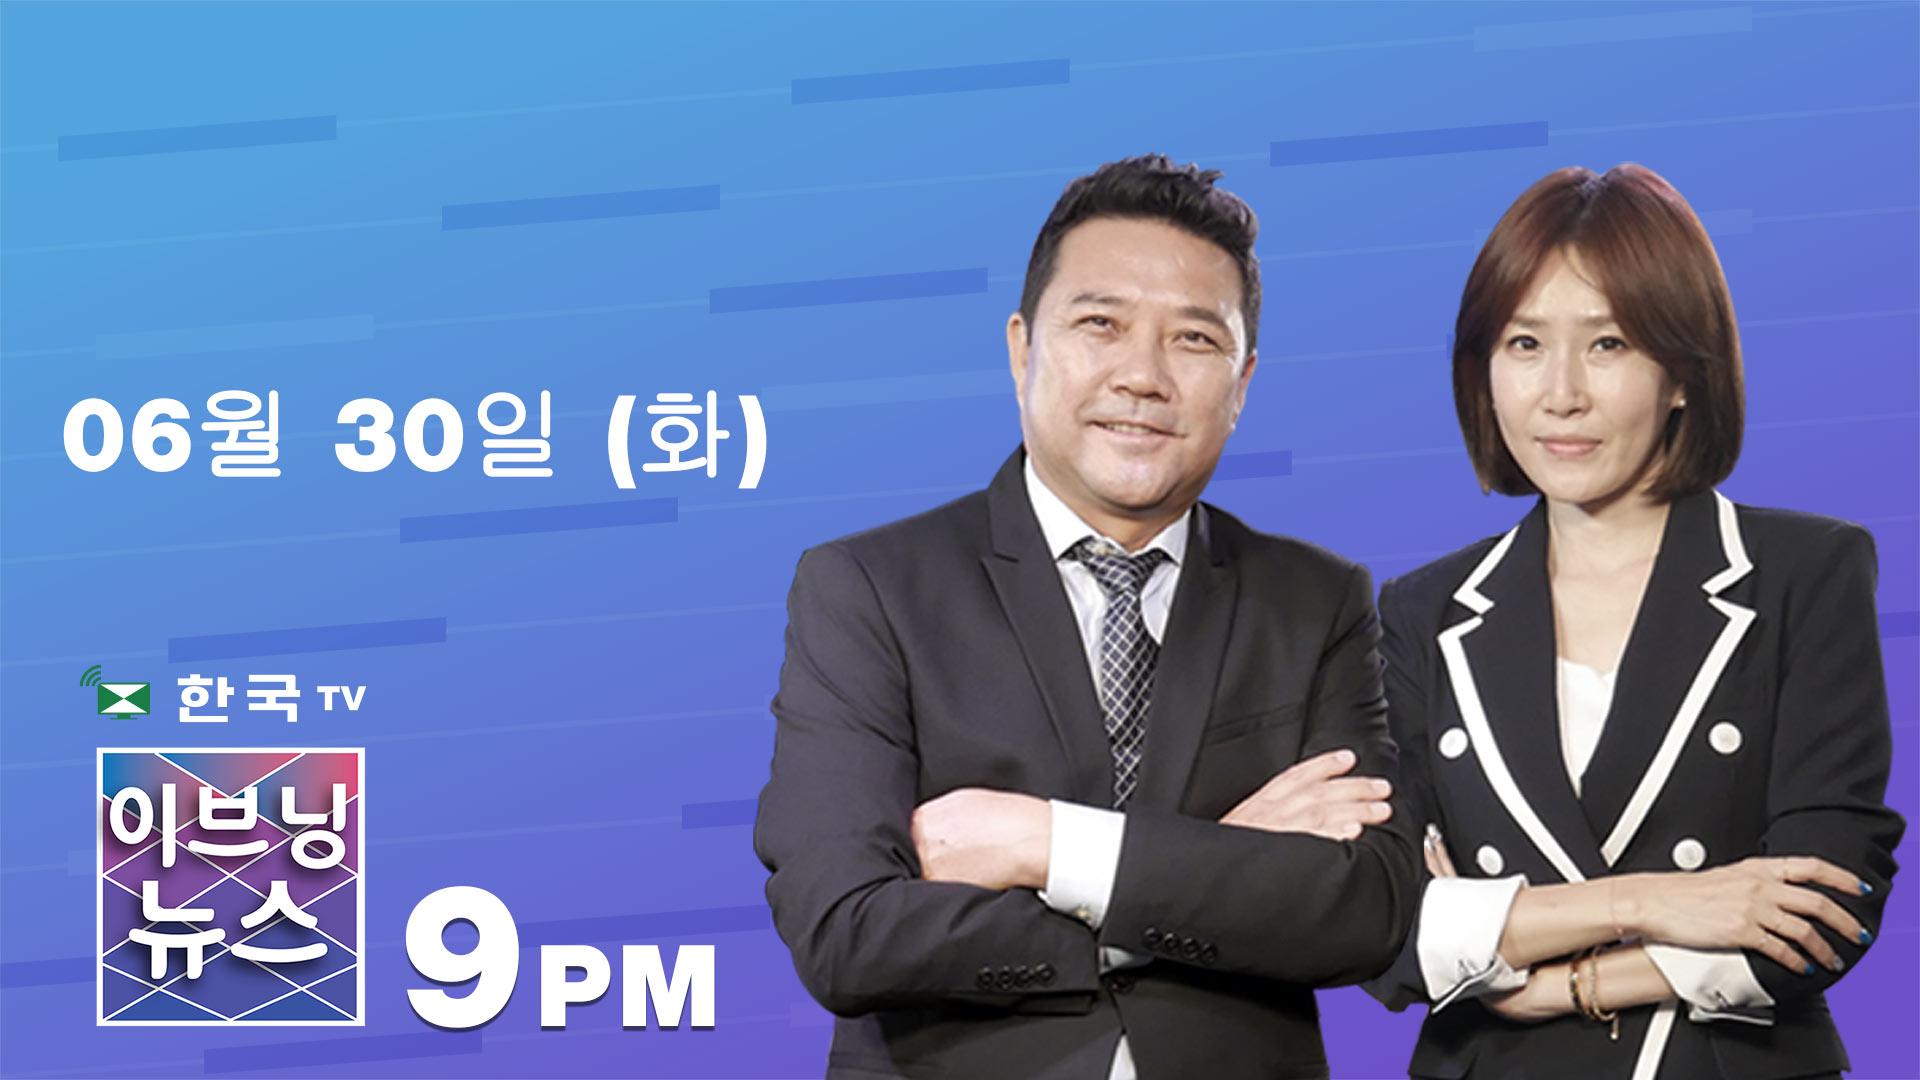 (06.30.2020) 한국TV 이브닝 뉴스